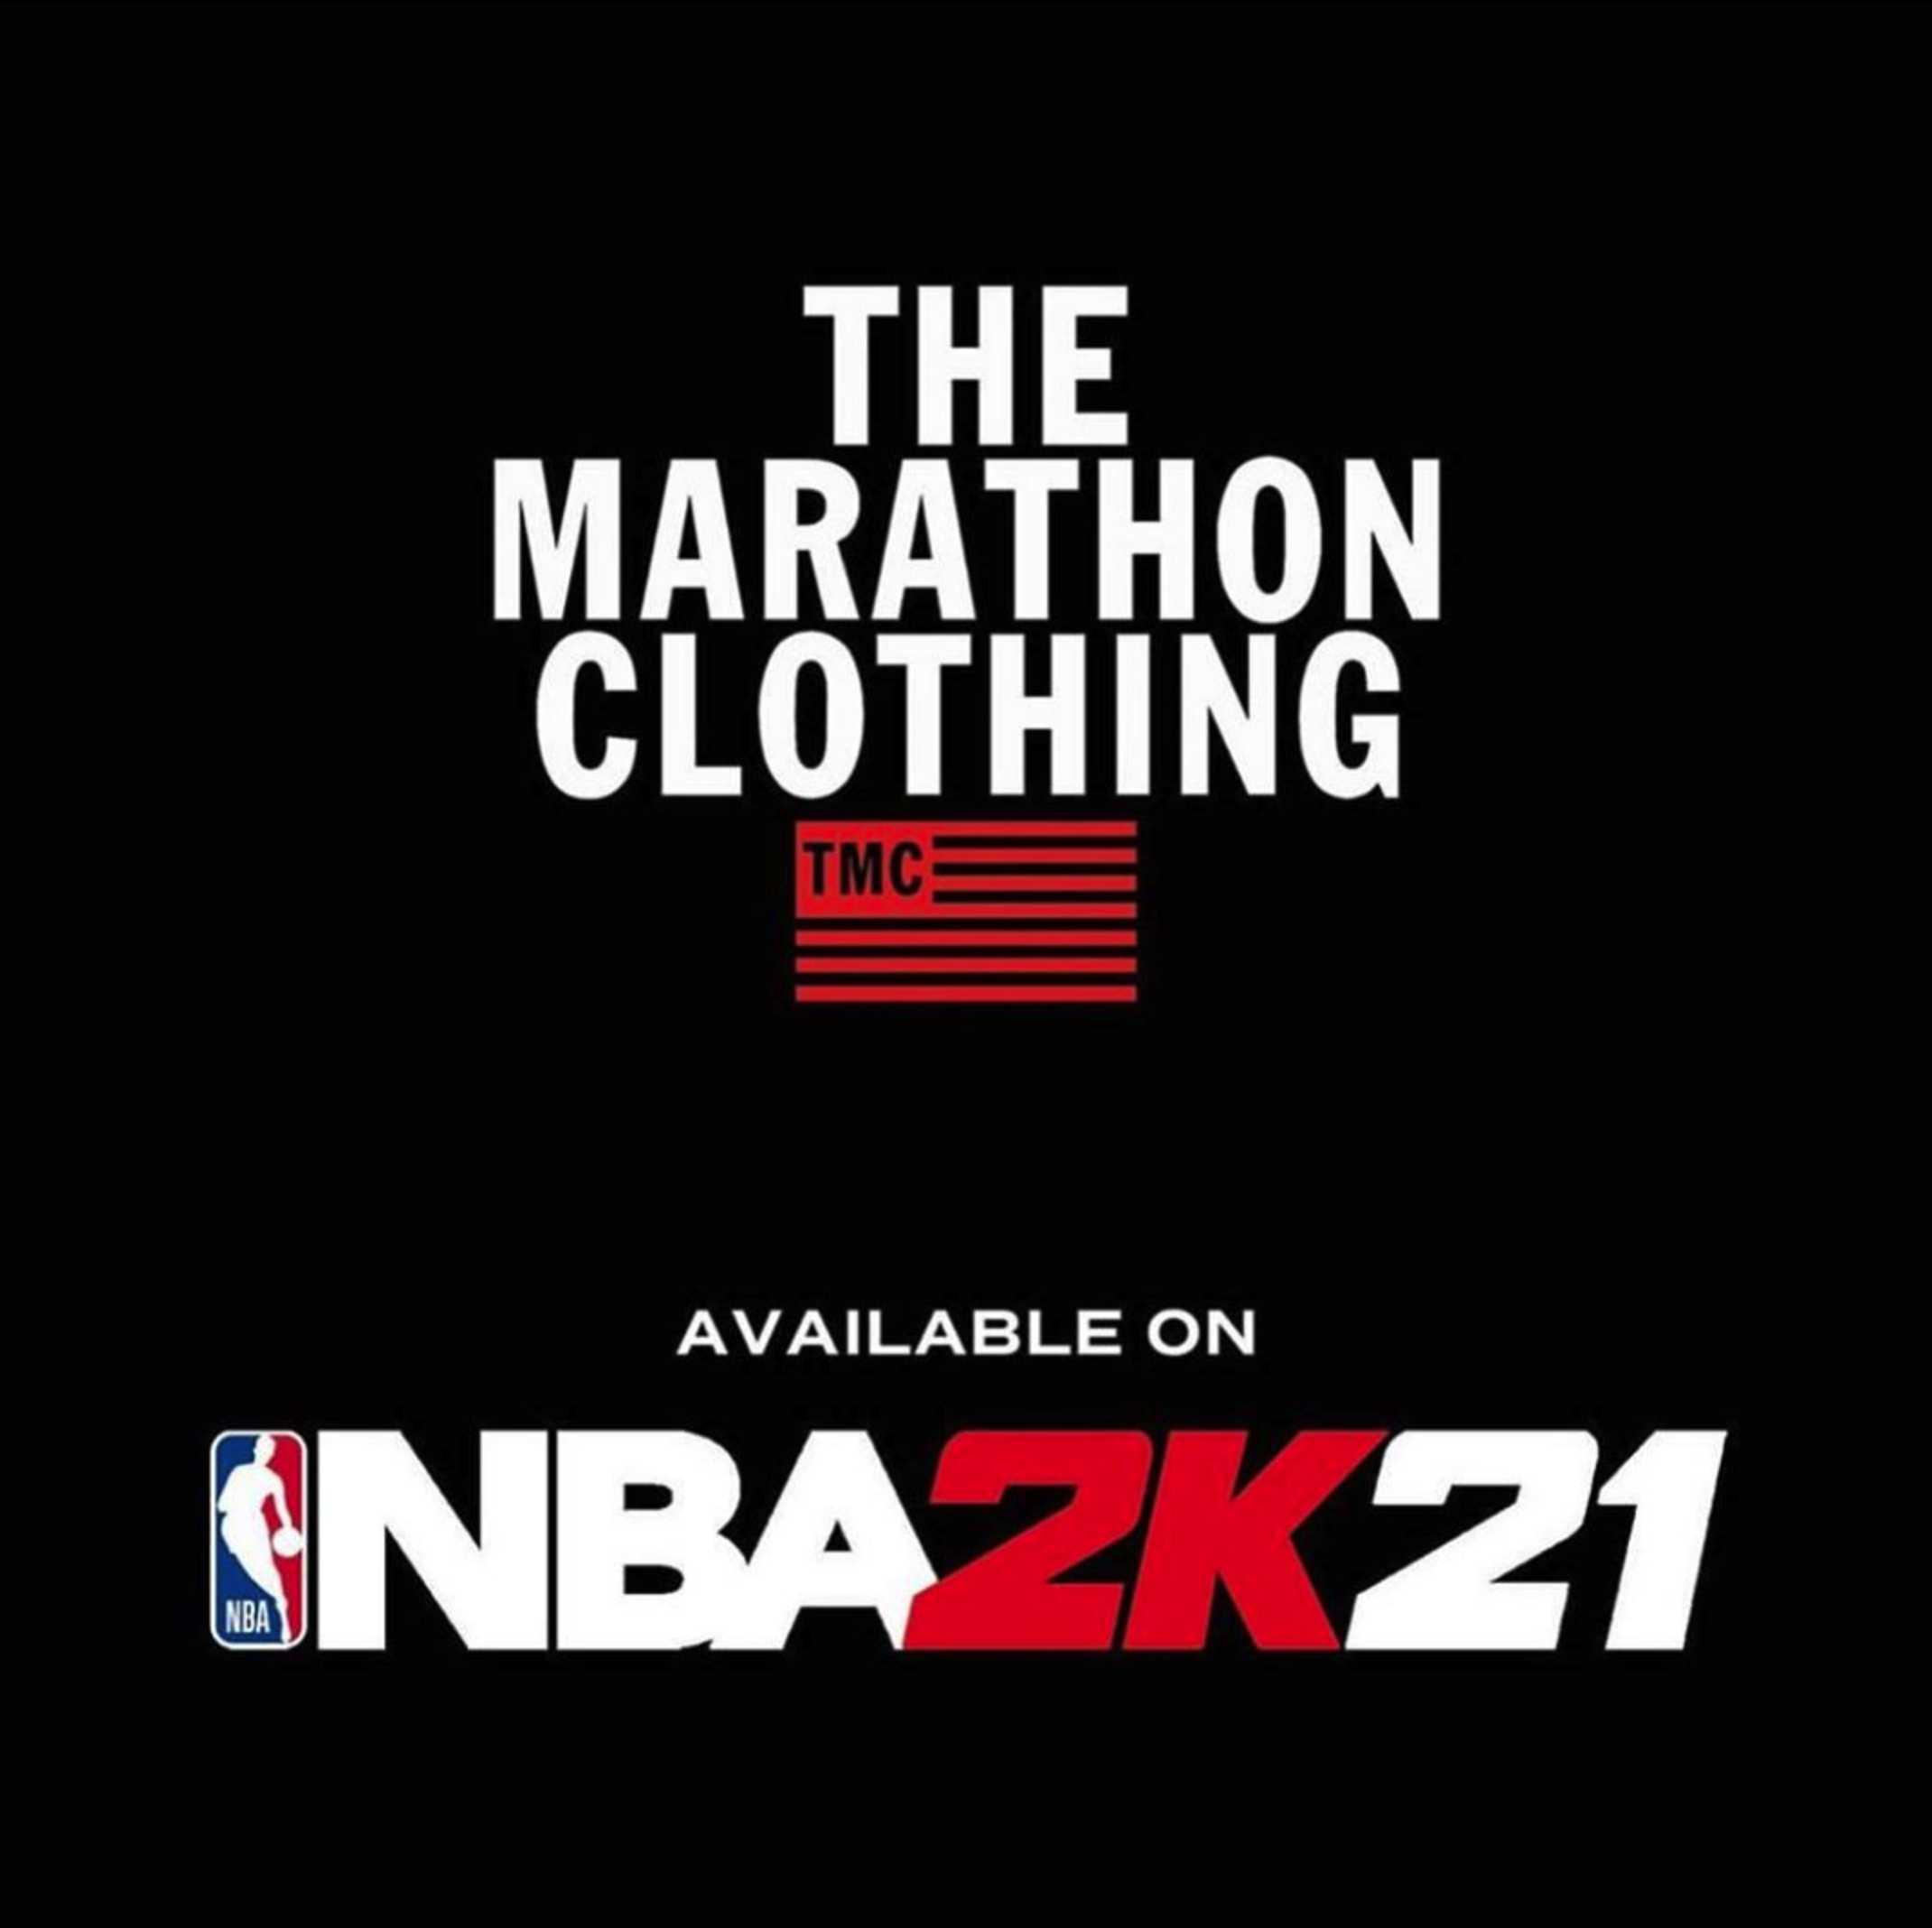 NBA2k21 TMC